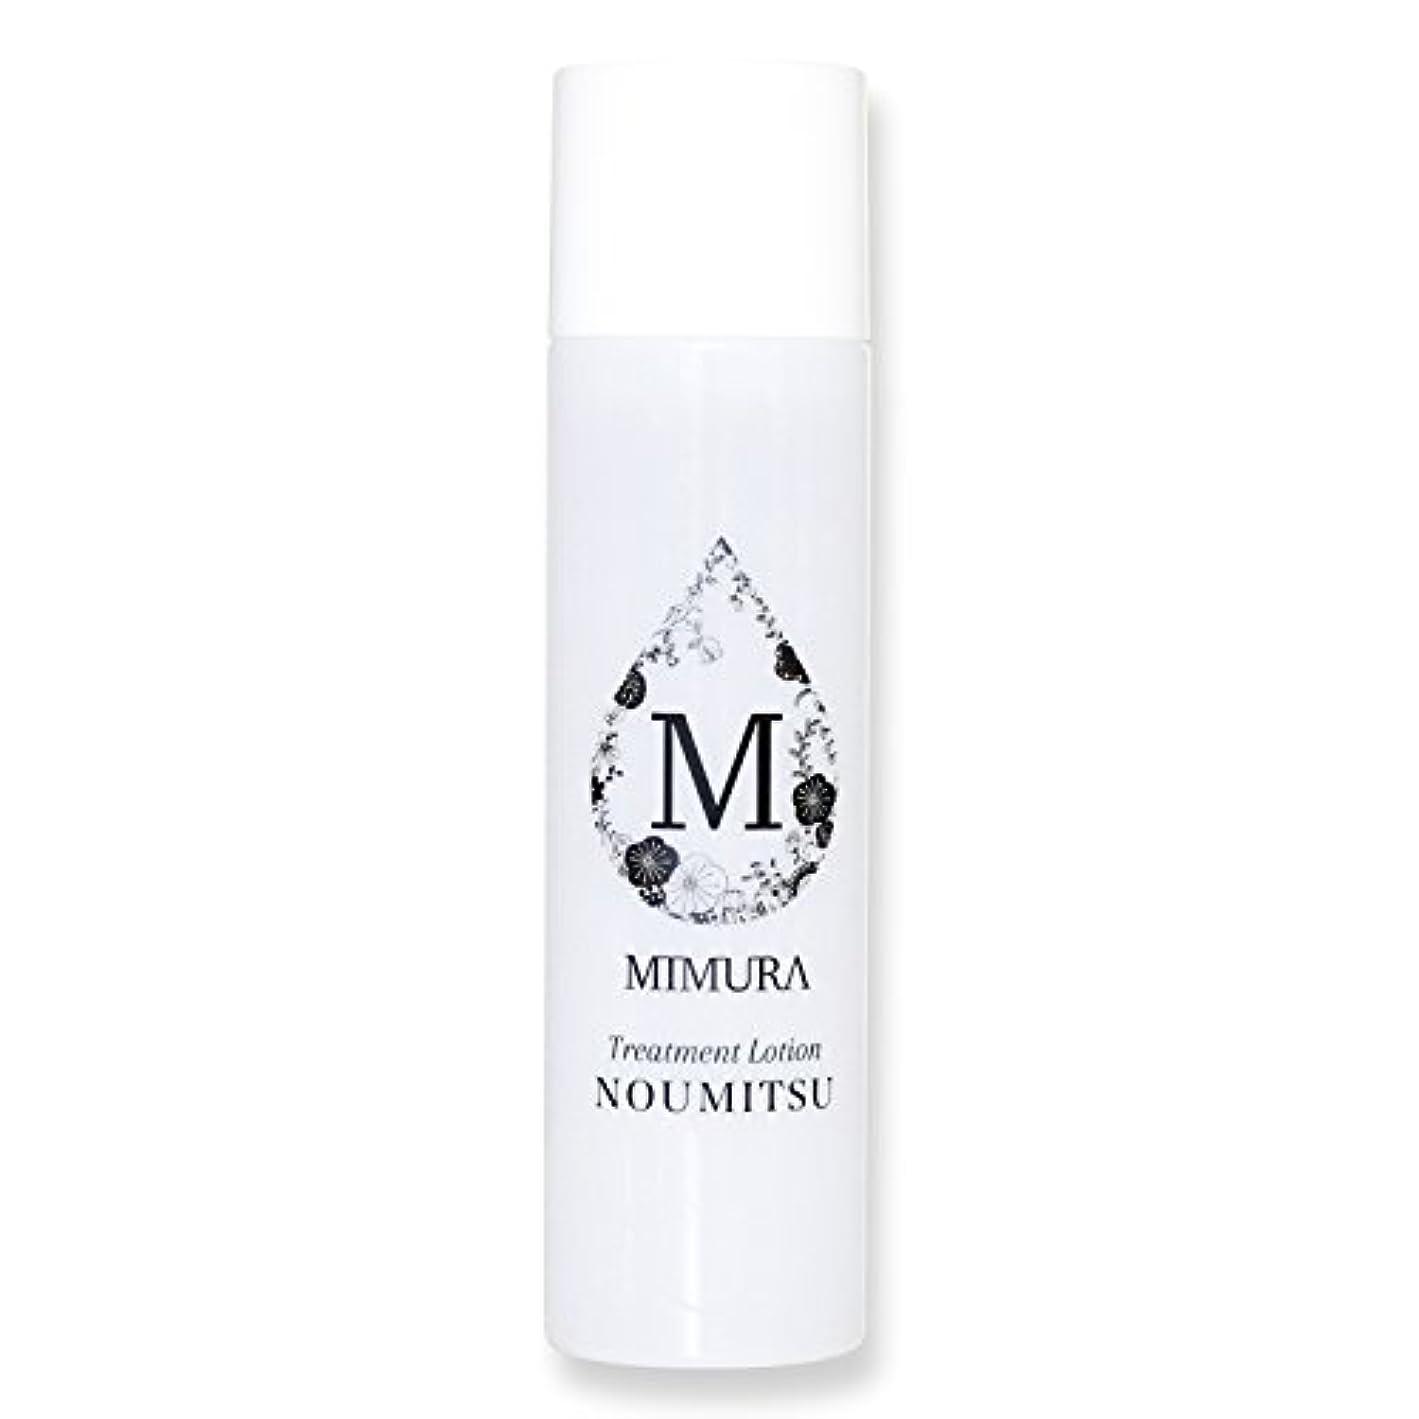 シェード防腐剤トランジスタ化粧水 乾燥肌 うるおい 送料無料 ミムラ トリートメントローション NOUMITSU MIMURA 日本製